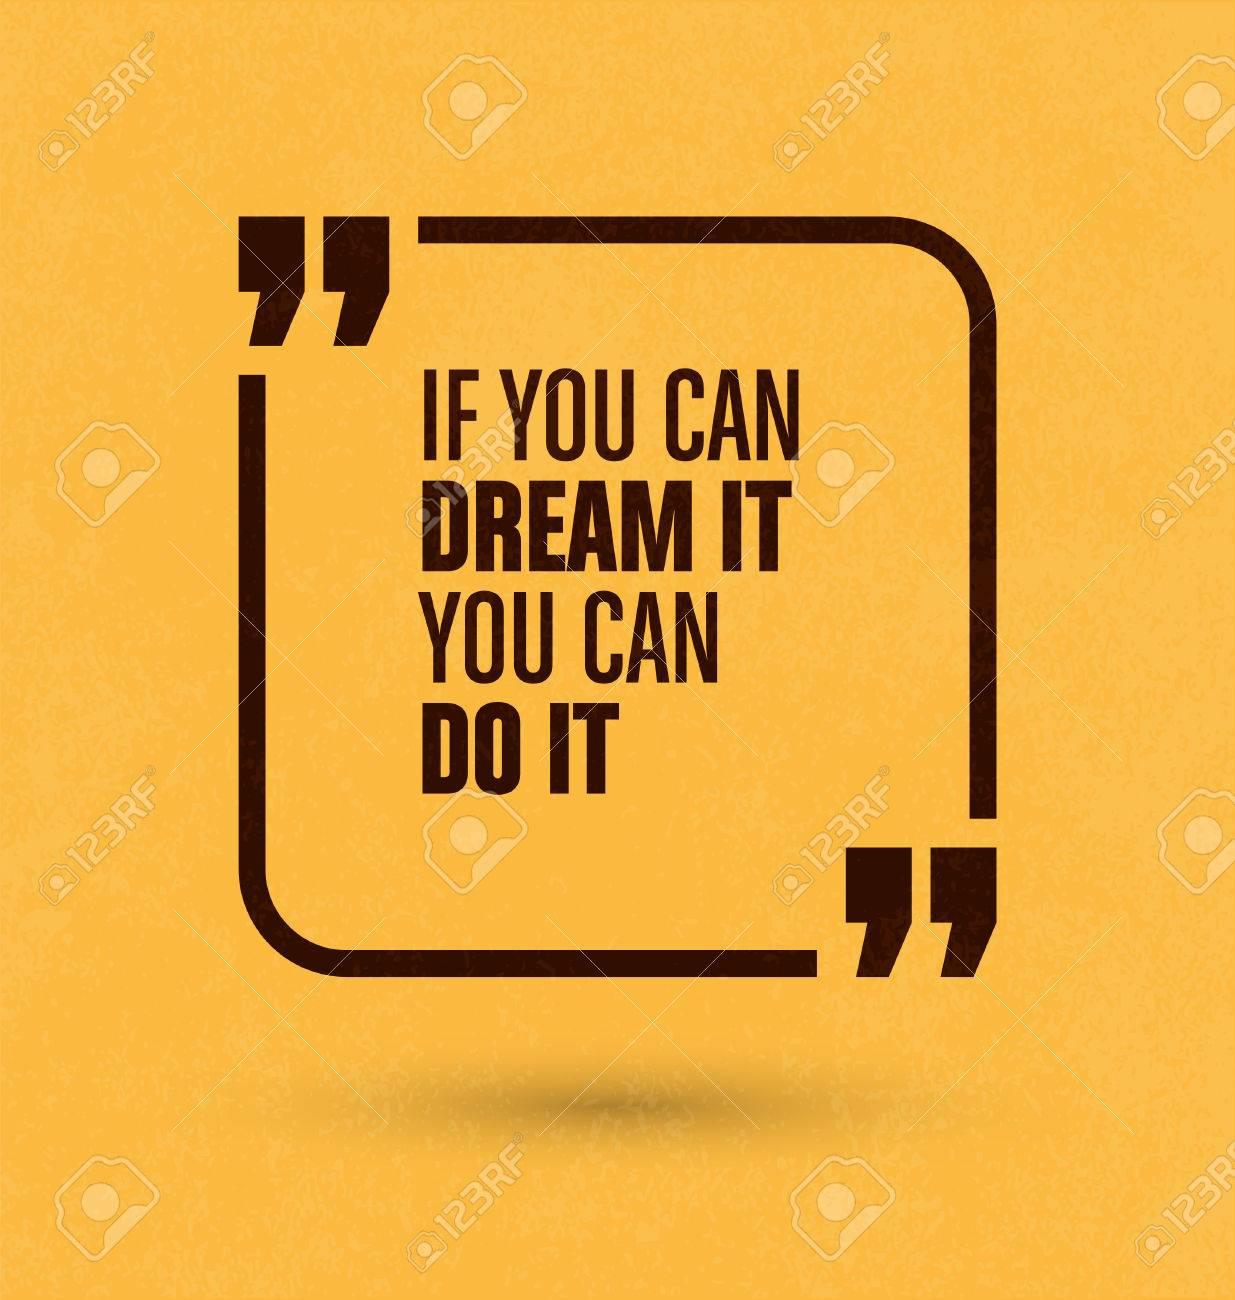 Cita Enmarcado En El Fondo Amarillo - Si Puedes Soñarlo Puedes ...